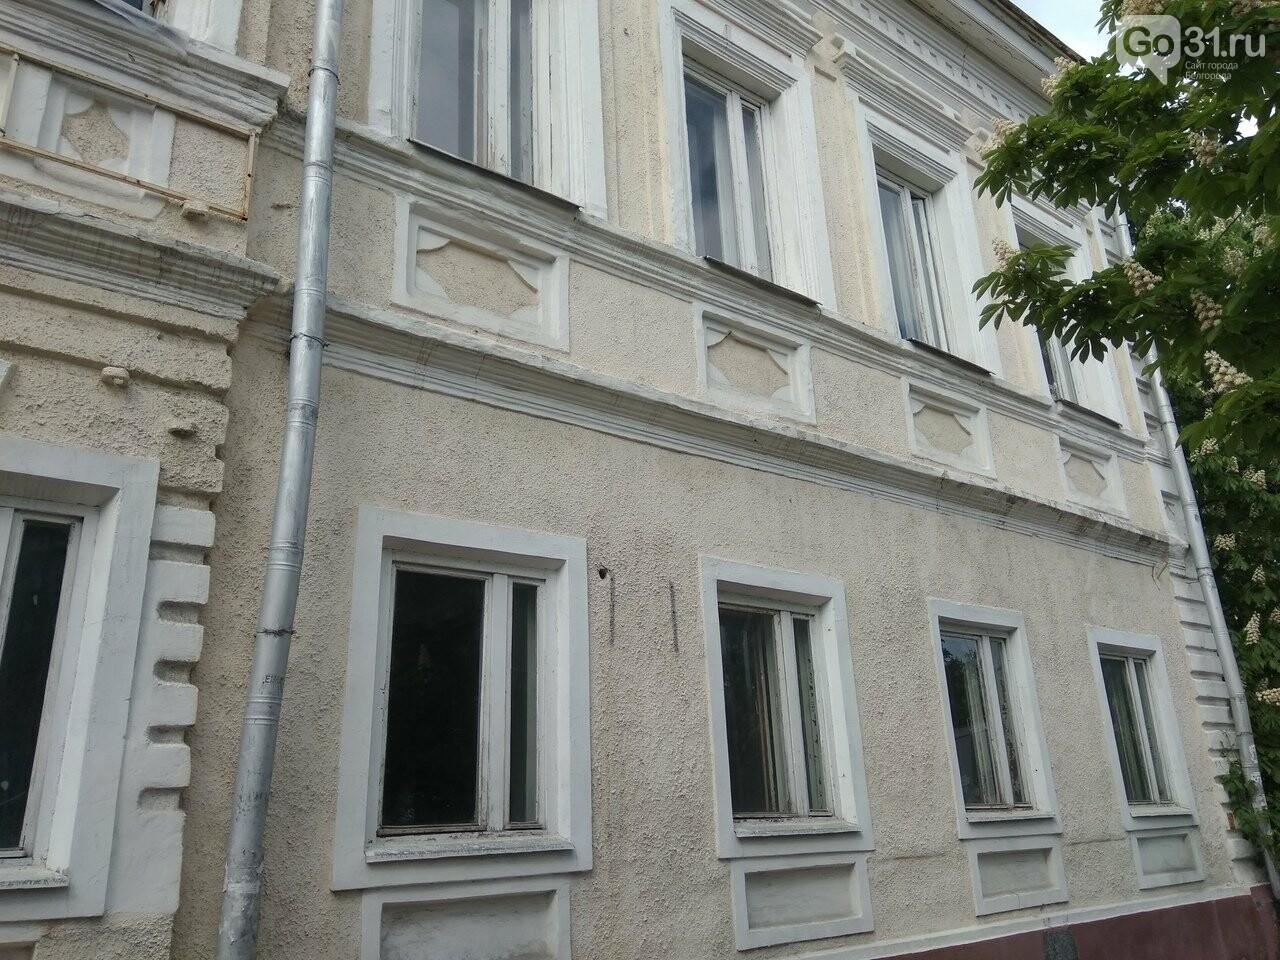 В Белгороде ищут инвестора для реставрации здания женской гимназии Коротковой, фото-6